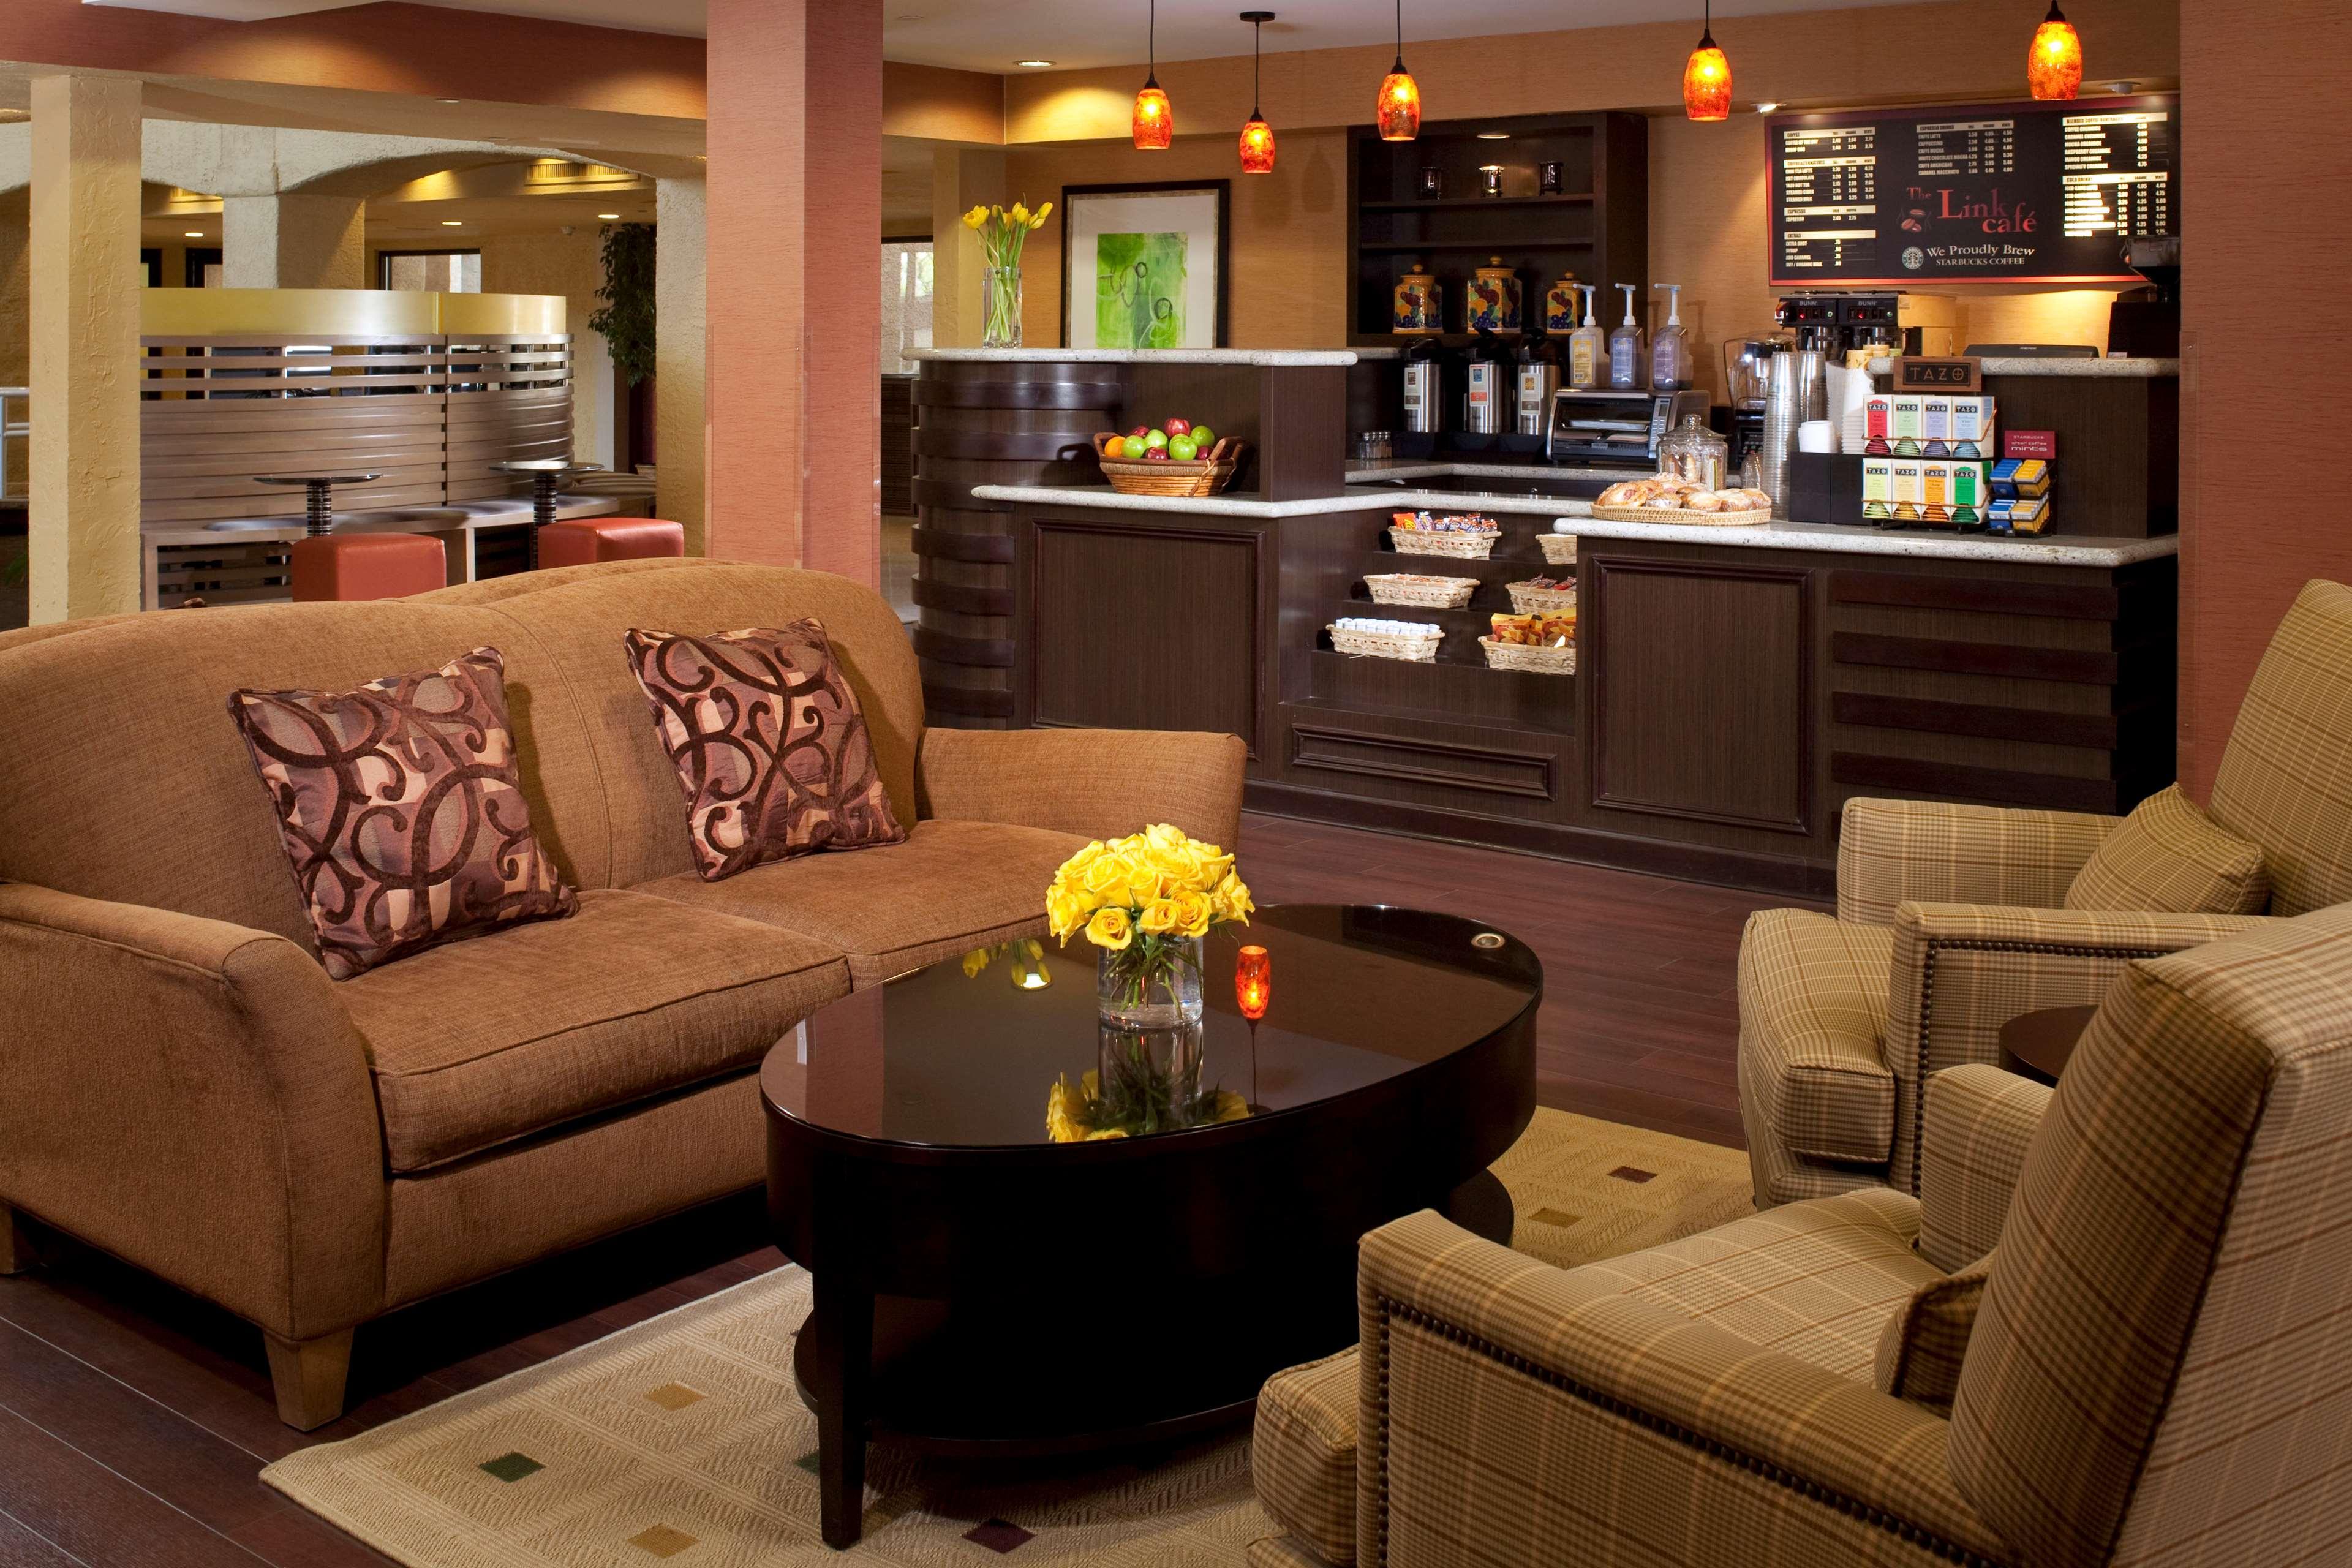 Sheraton Tucson Hotel & Suites image 7